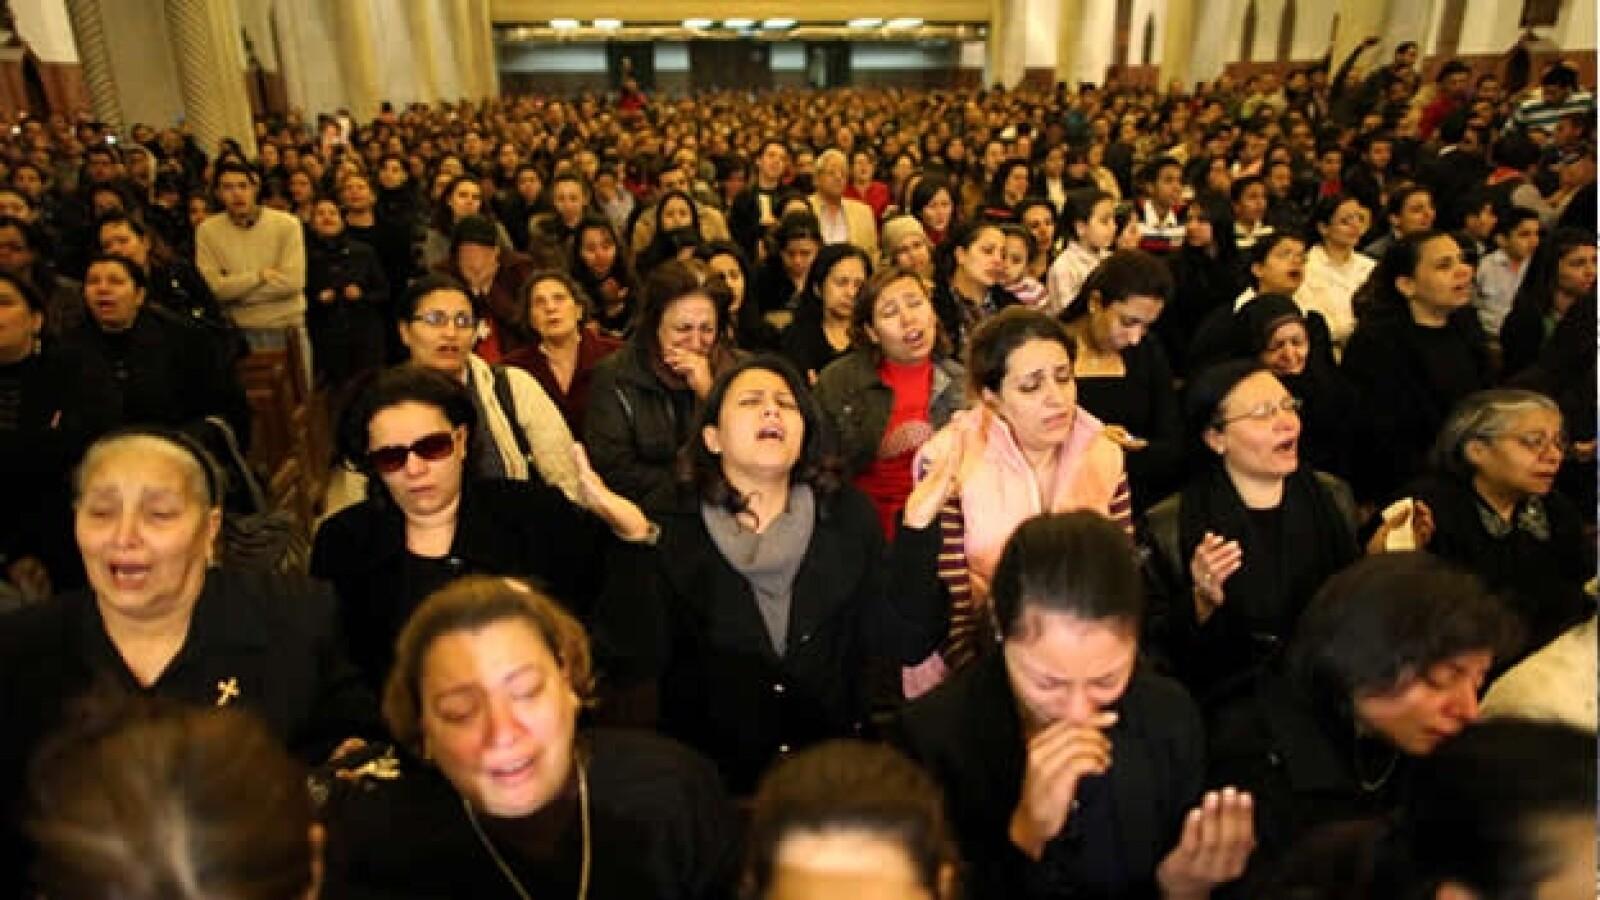 egipto, catolicos, cristiano